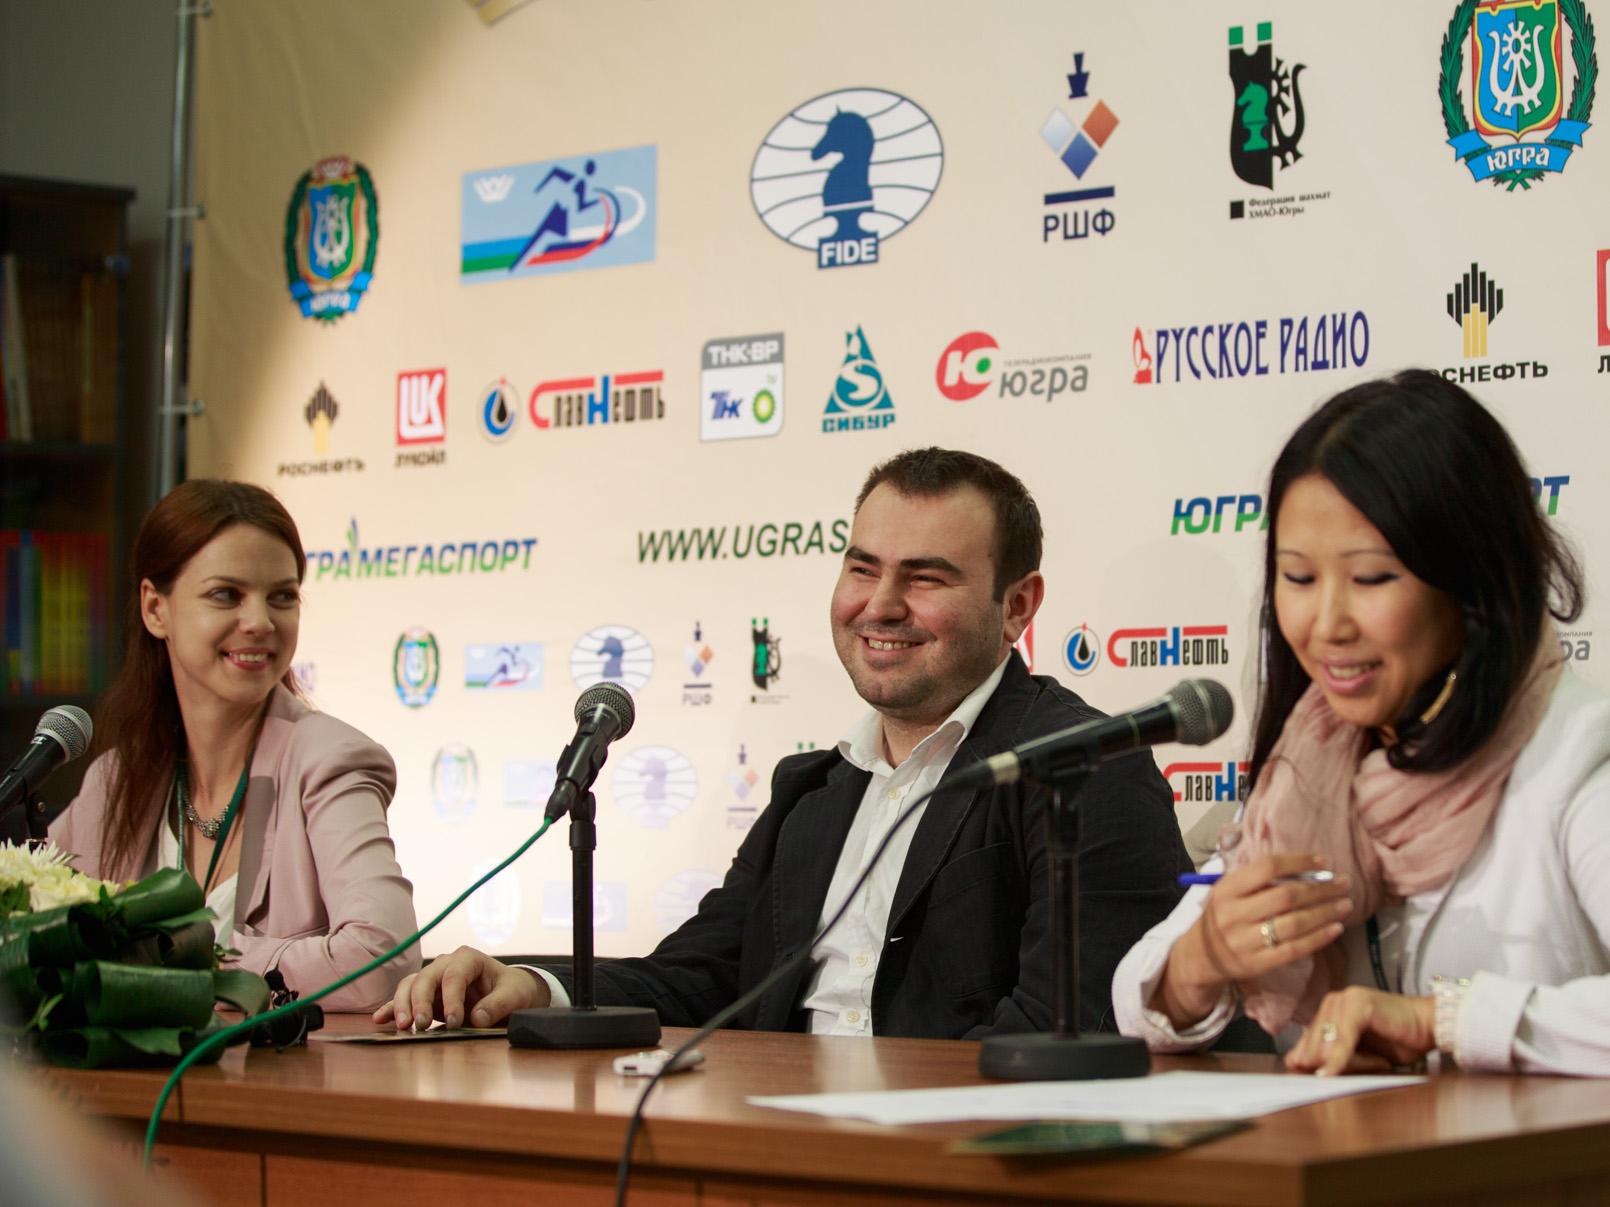 Пресс-конференция с Шахрияром Мамедьяровым